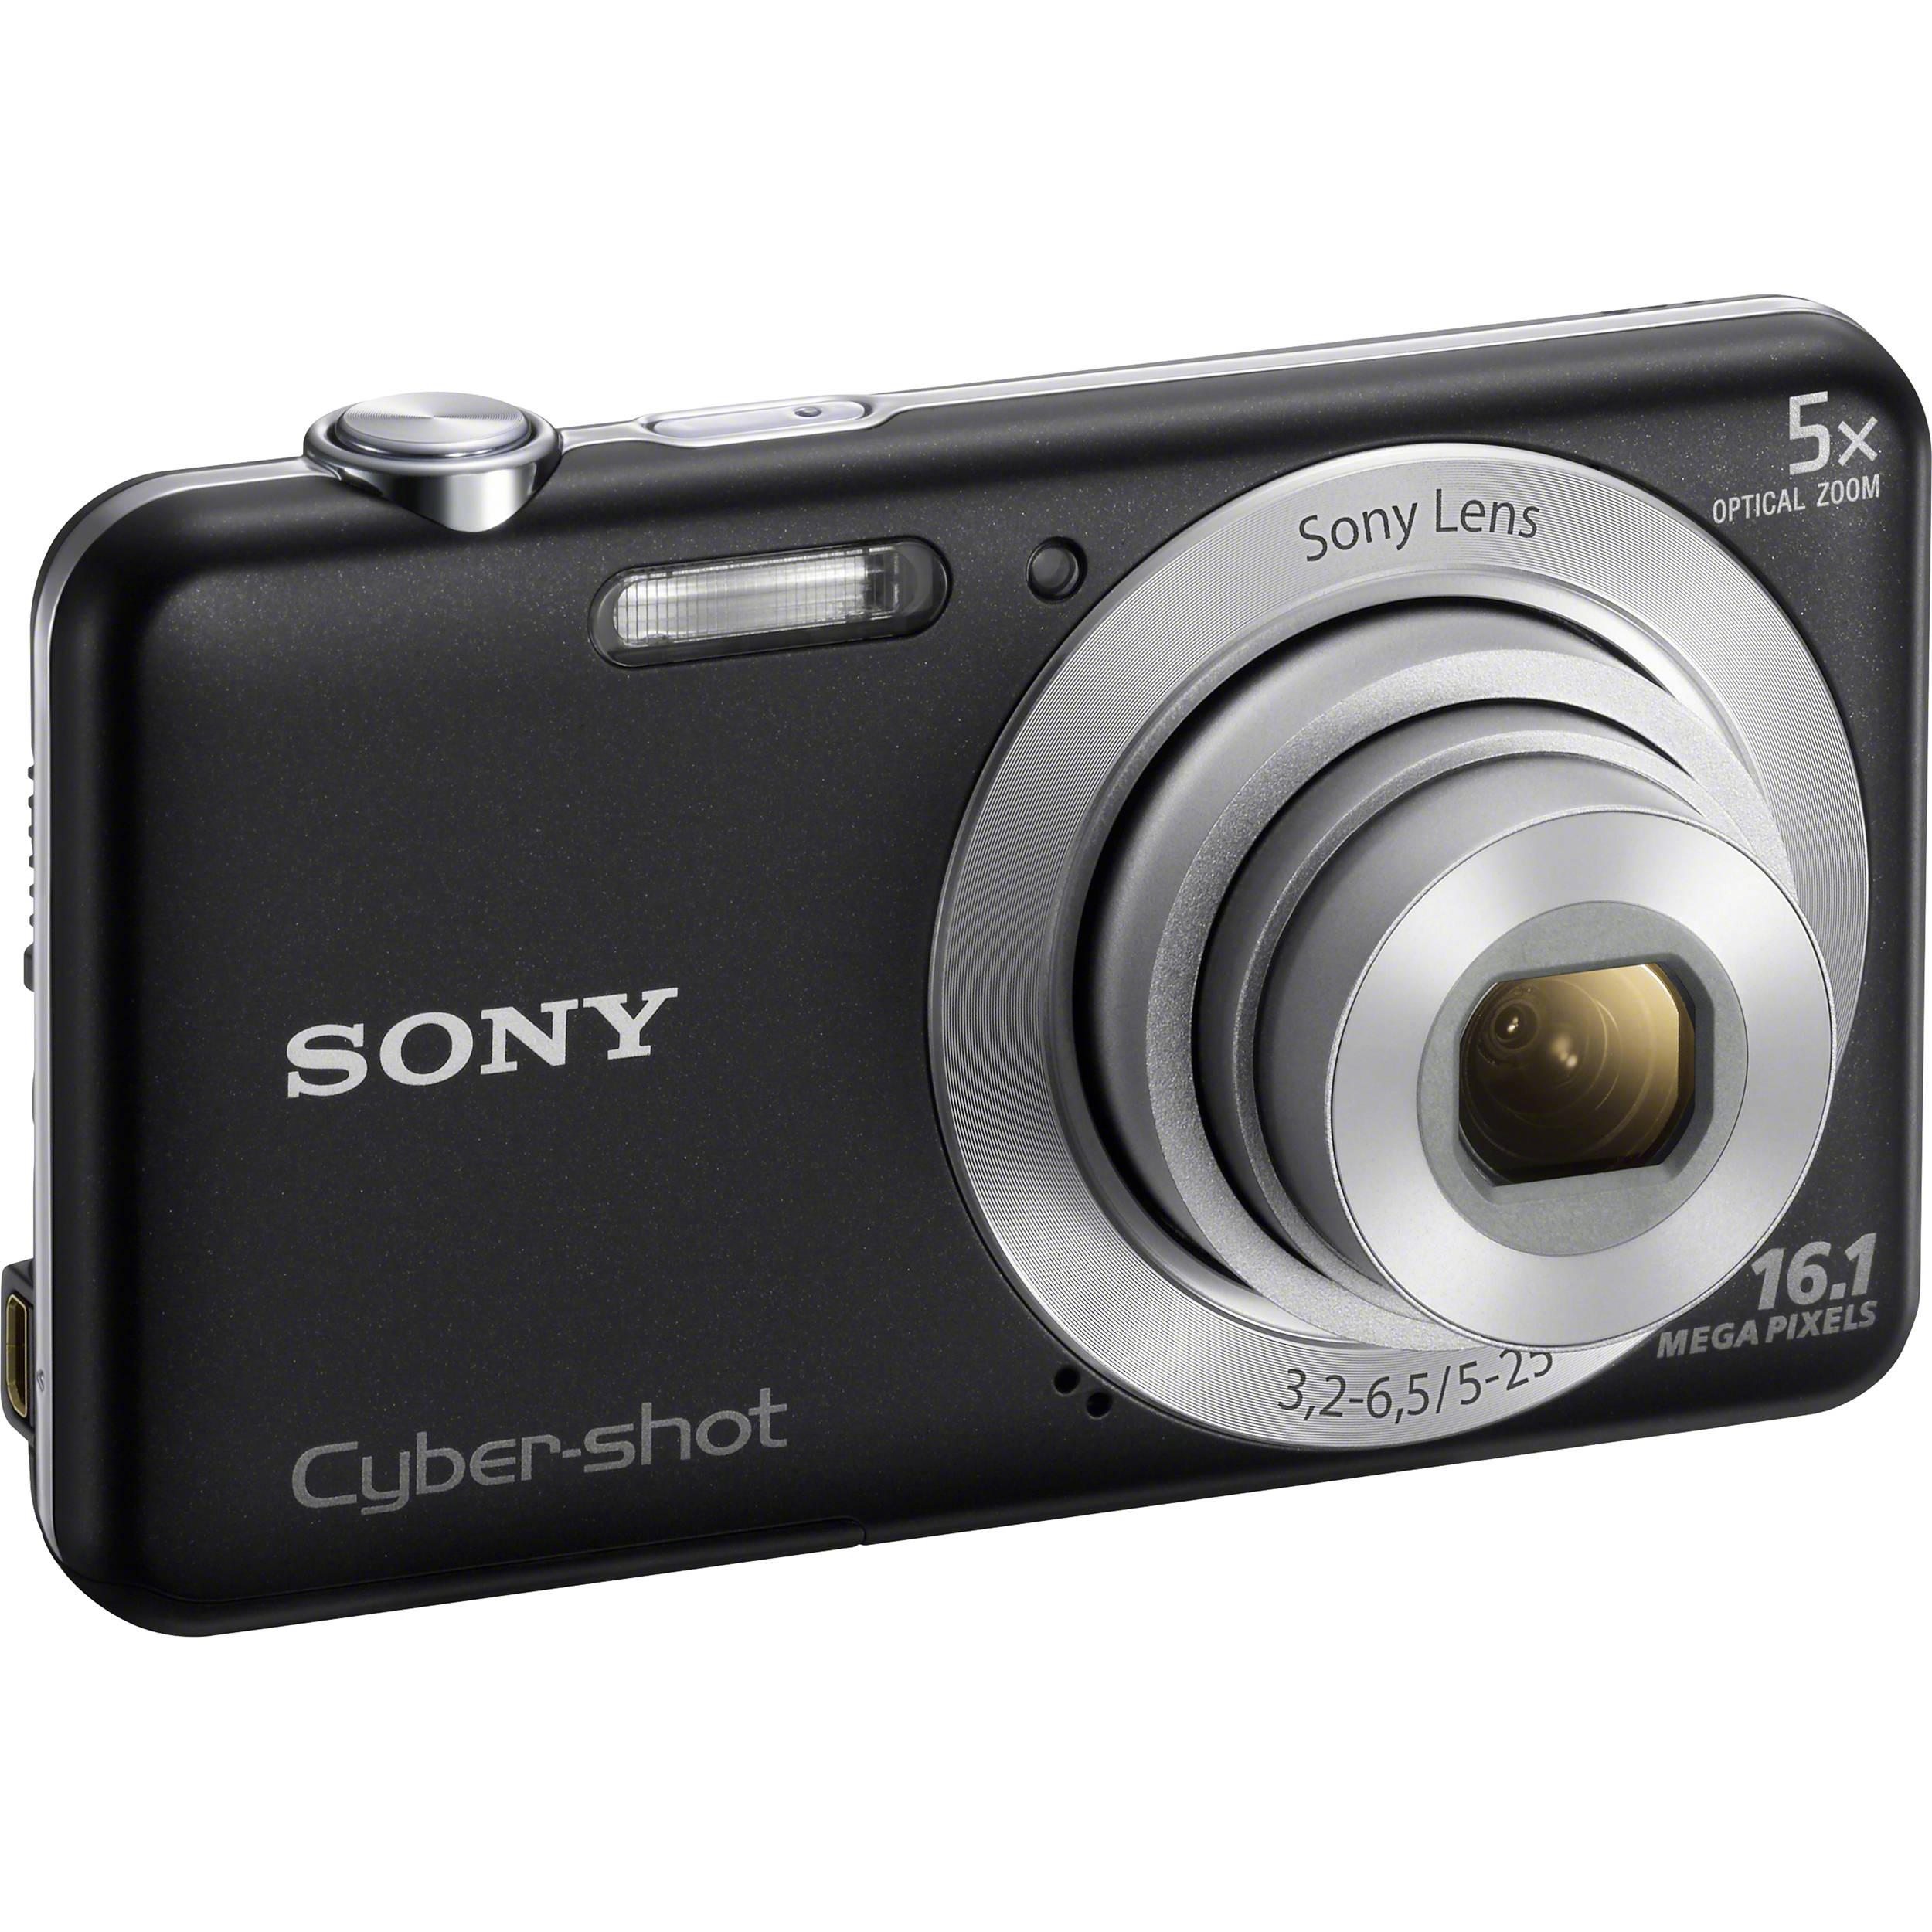 sony cyber shot dsc w710 digital camera black dscw710 b b h rh bhphotovideo com Sony Cyber-shot DSC-H200 sony cyber shot 1080 user manual